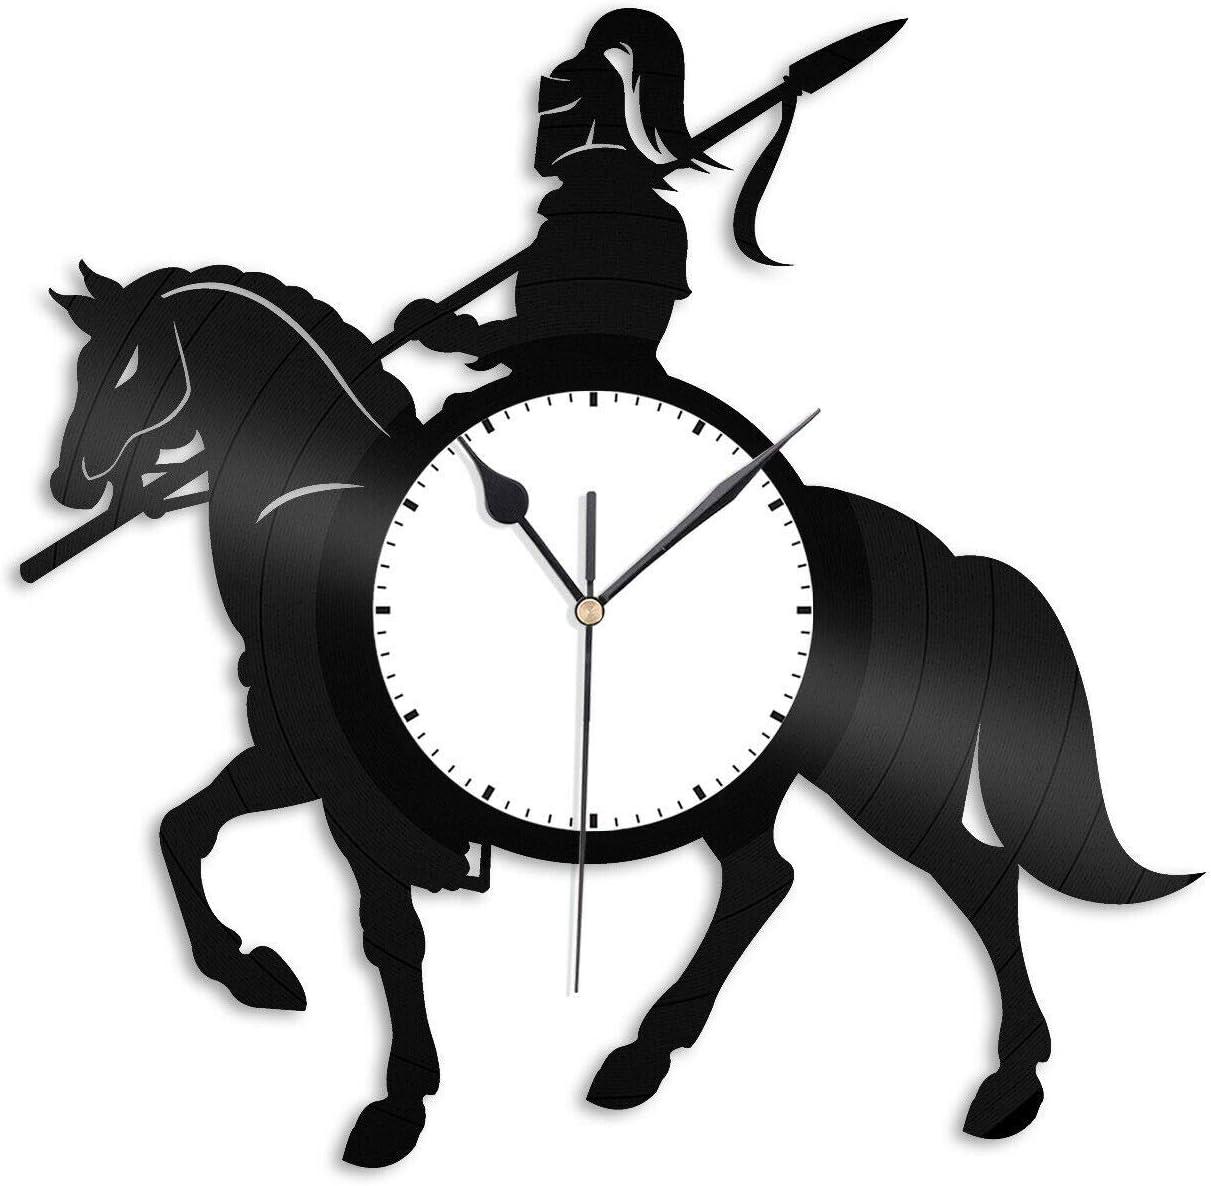 Caballero en Silueta de Caballo Reloj de Pared de Vinilo Amantes de los Animales Mejor decoración de la habitación de Regalo Diseño Vintage Oficina Bar Habitación Decoración del hogar